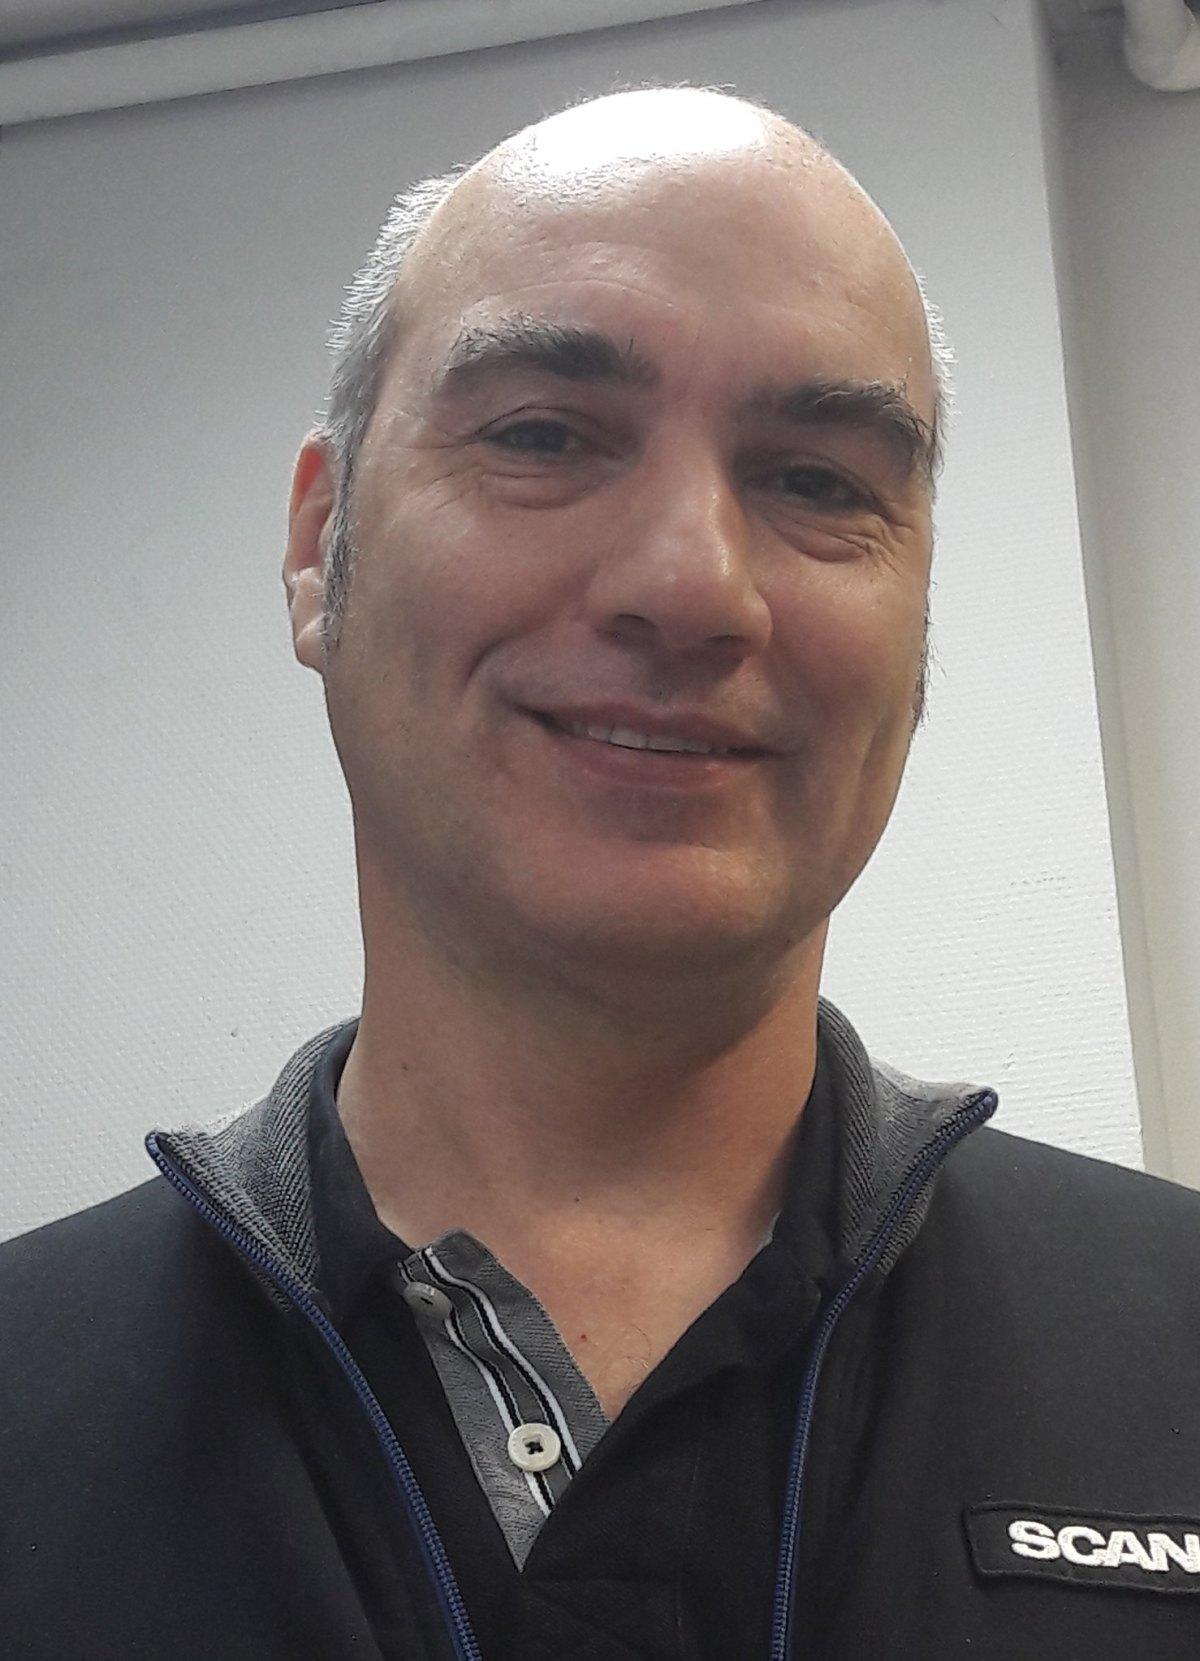 Максим Левинсон, менеджер по техническим вопросам в отделе технической поддержки и гарантии ООО «Скания-Русь»